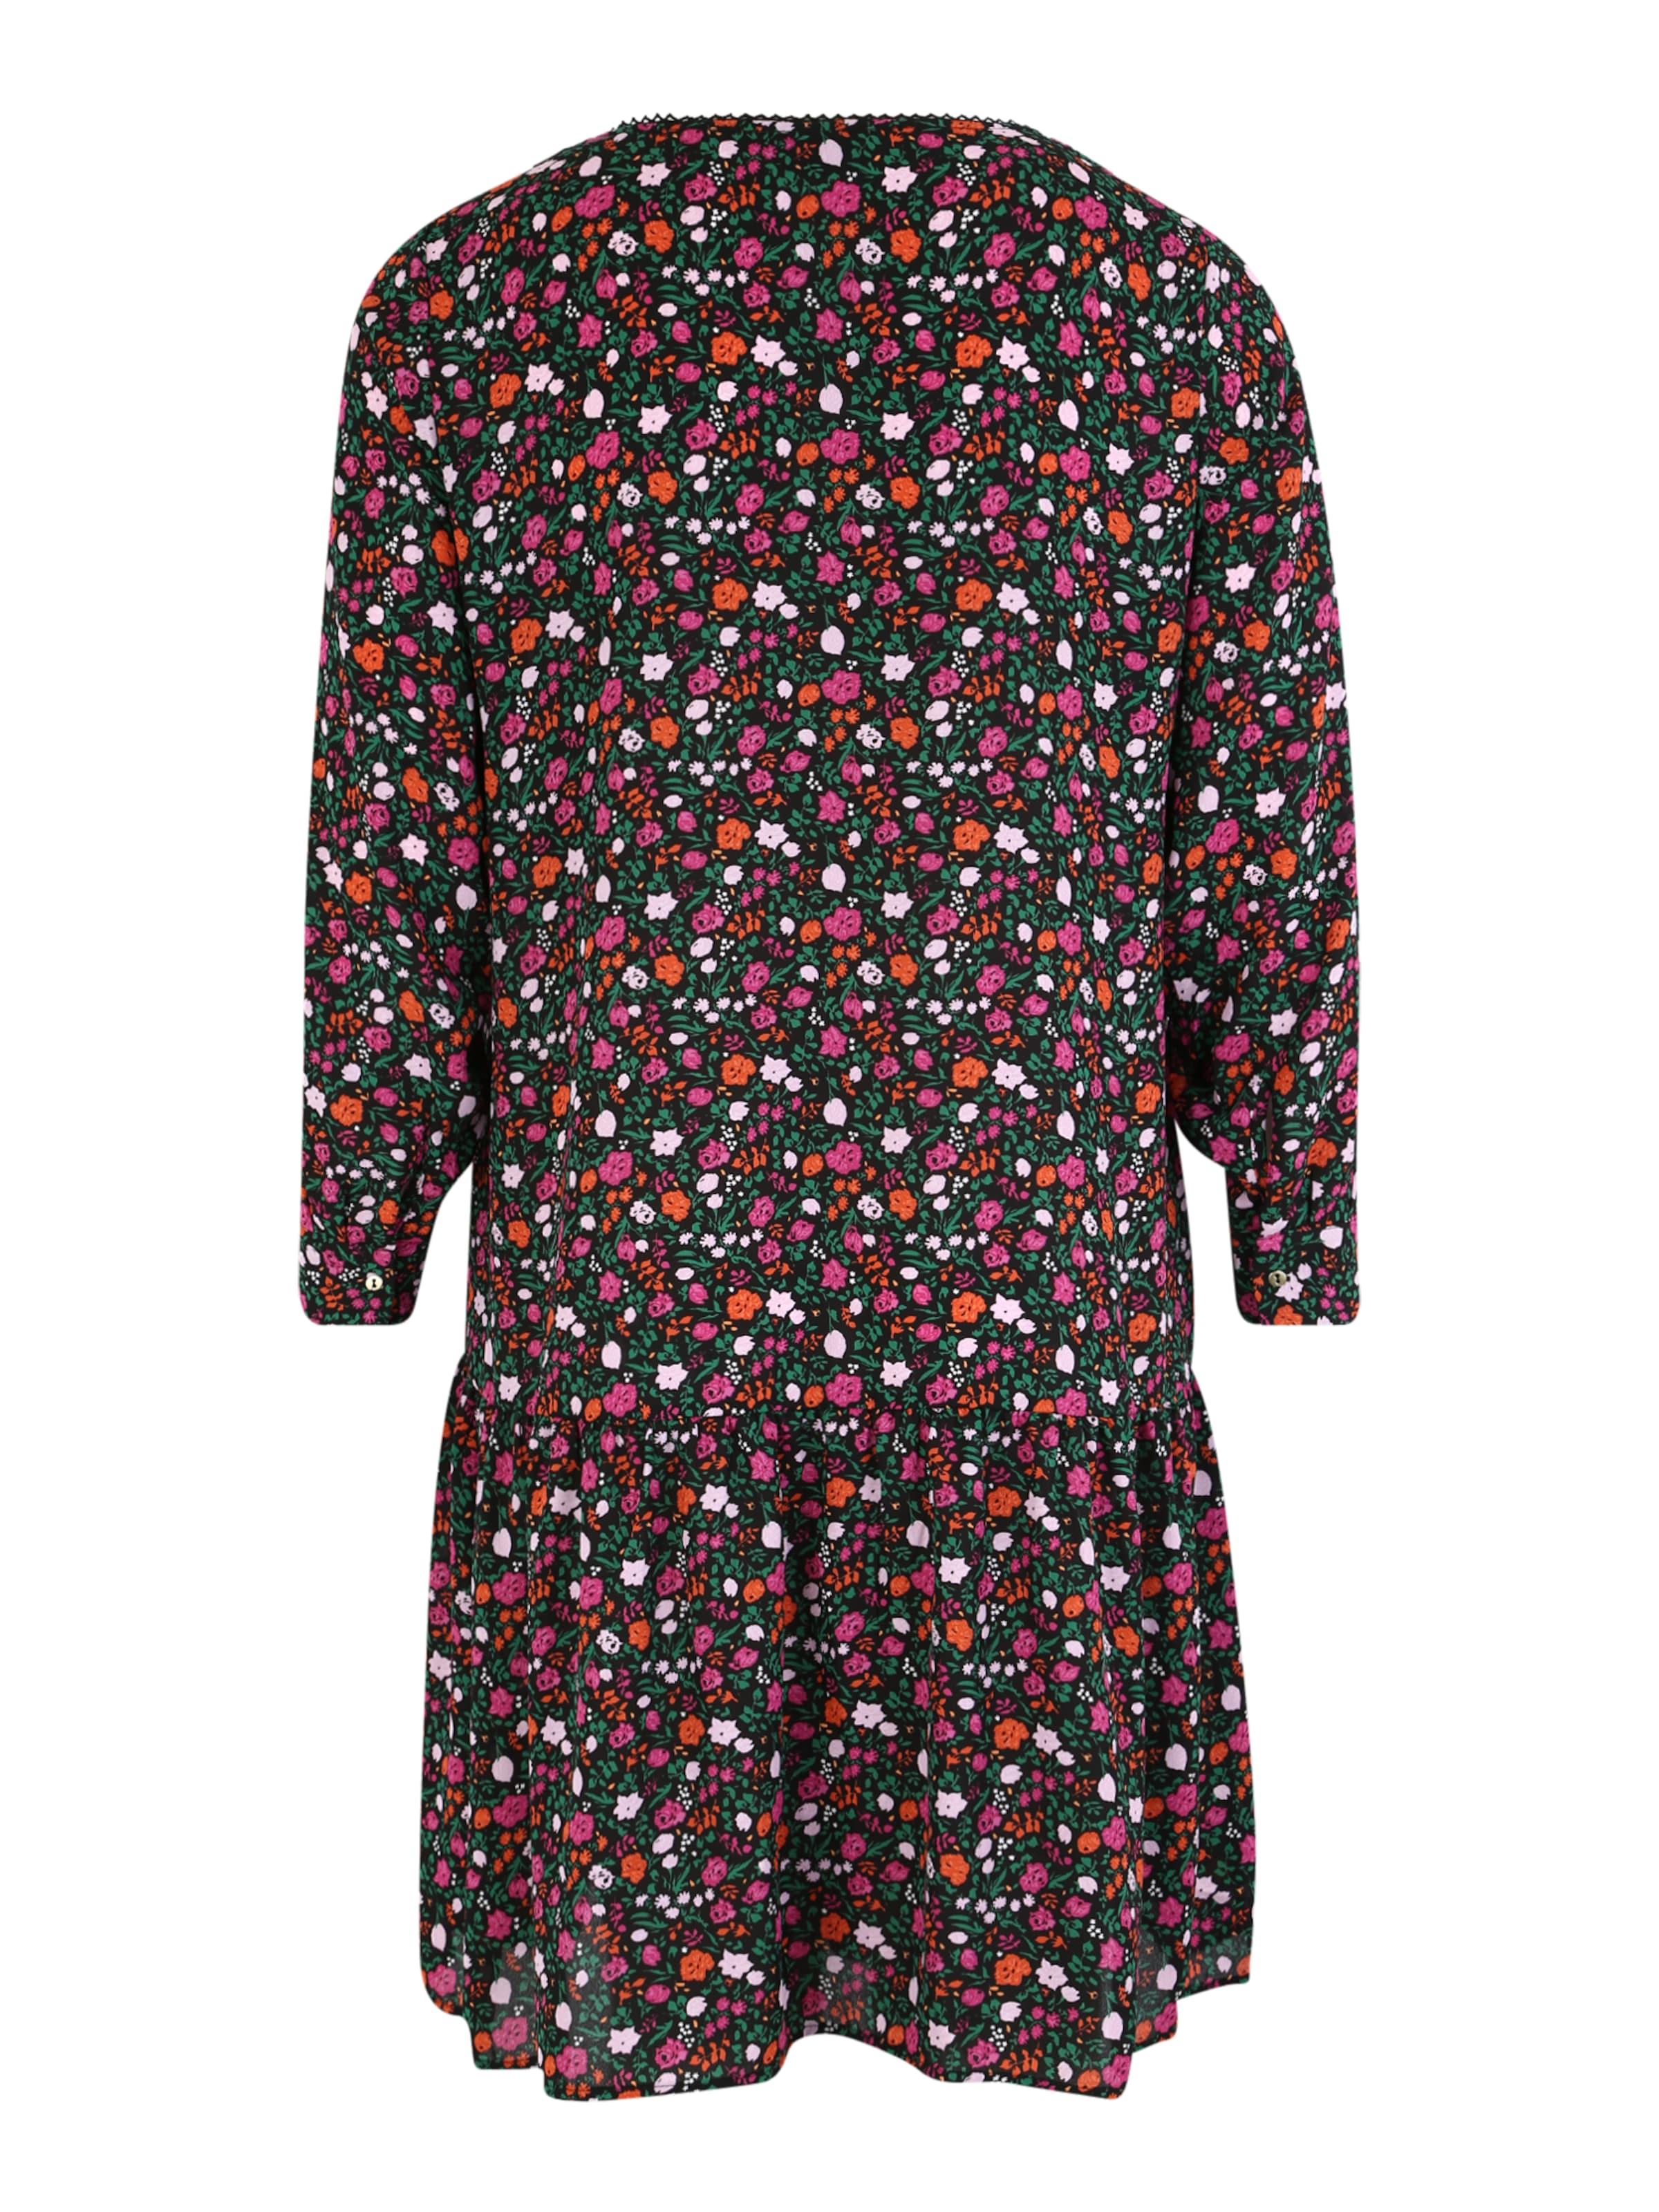 In MischfarbenSchwarz Kleid Kleid MischfarbenSchwarz Zizzi Kleid Zizzi In Zizzi In Zizzi MischfarbenSchwarz byYfI76vg